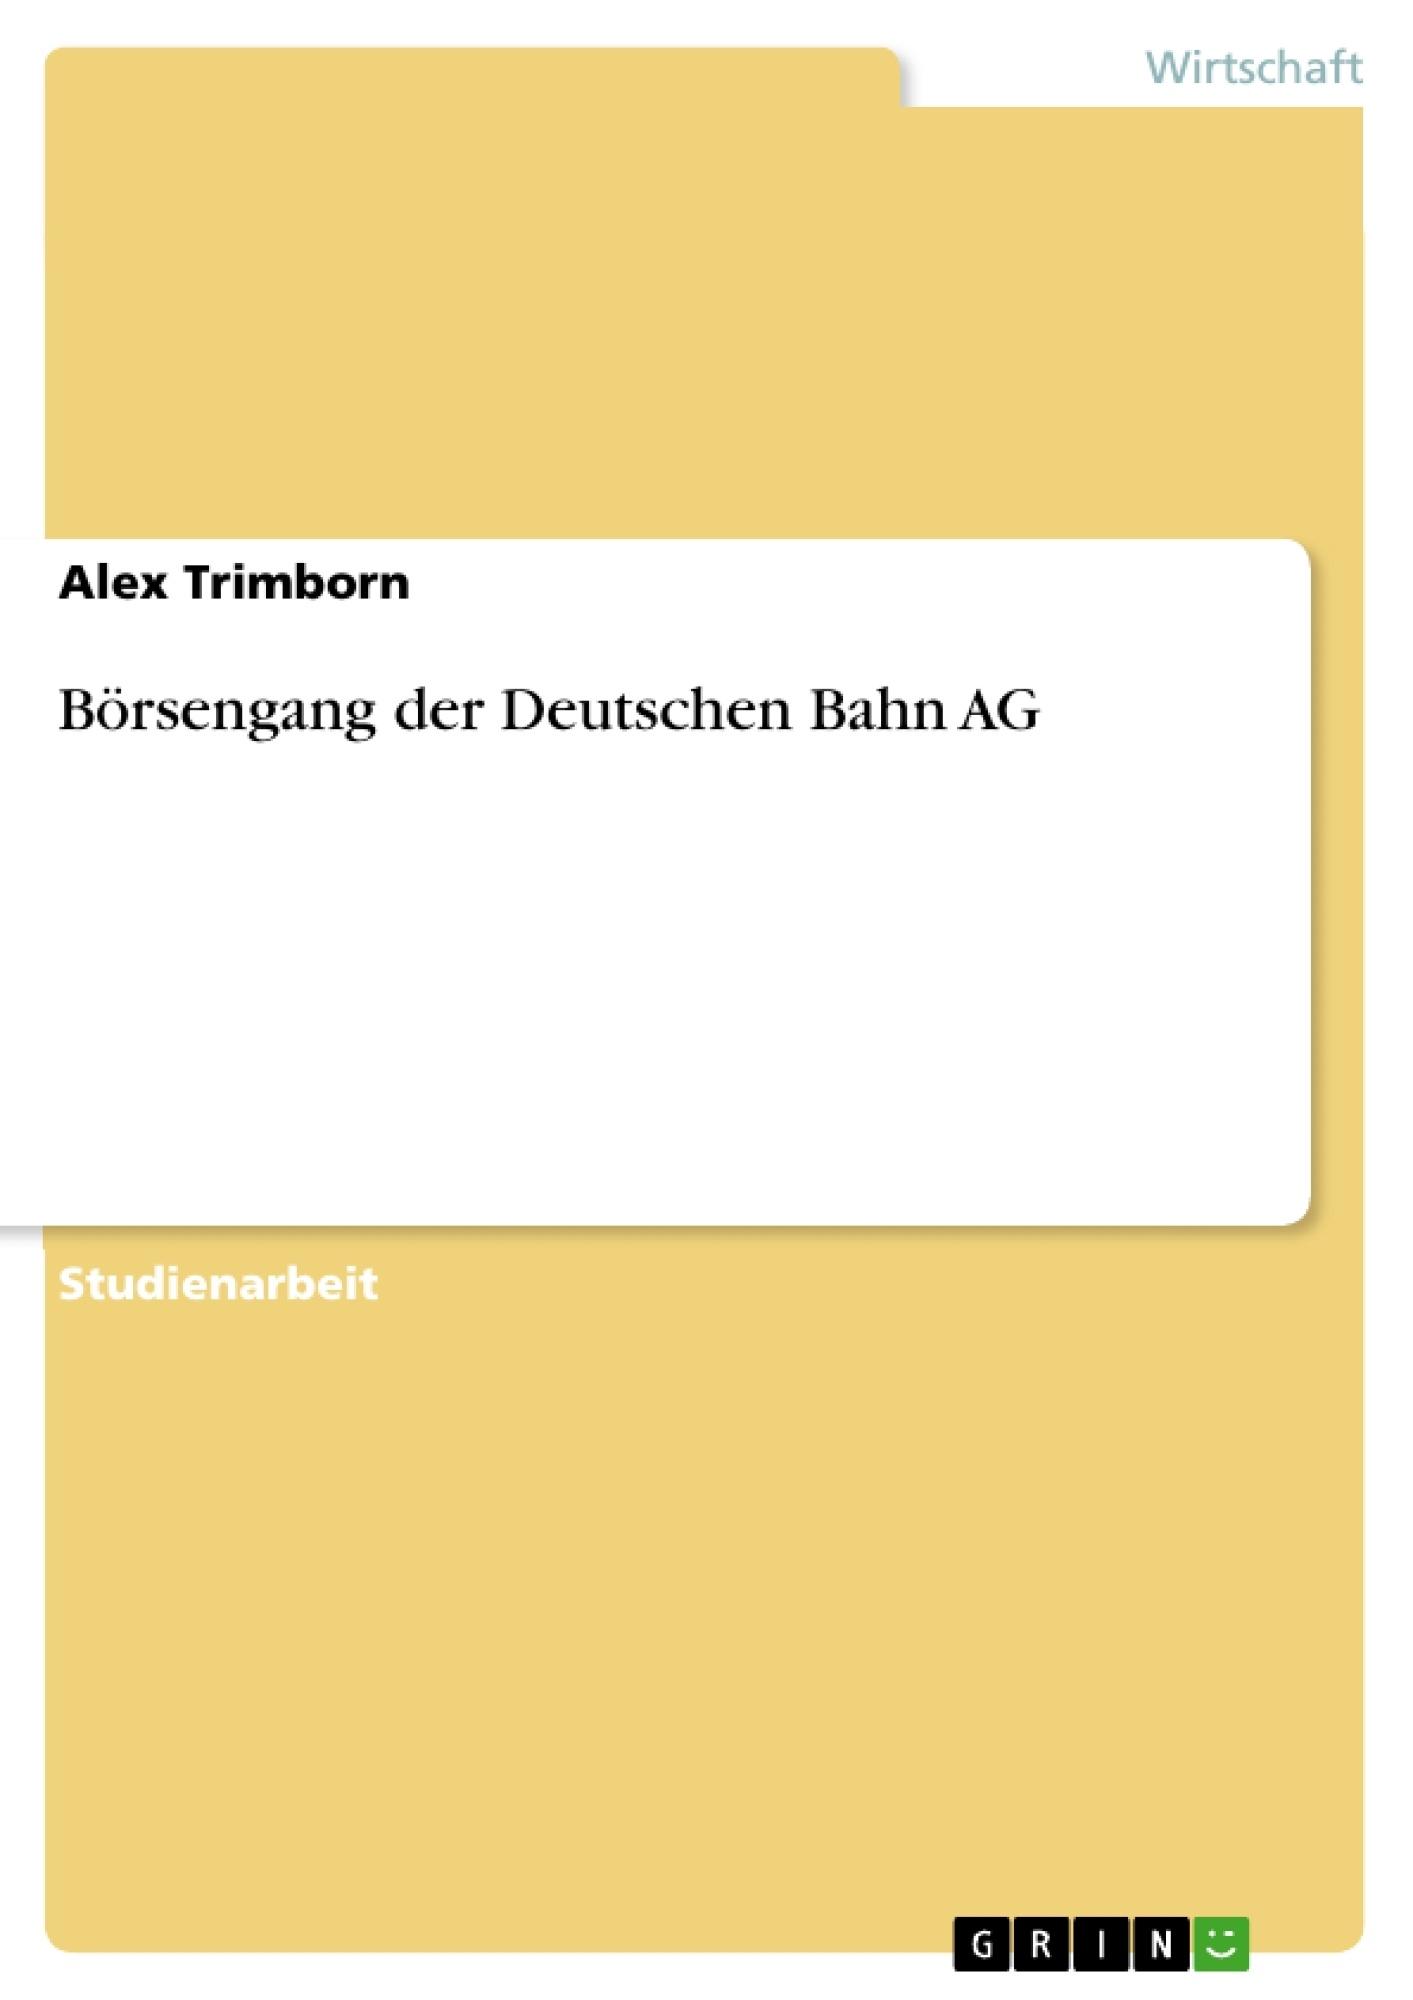 Titel: Börsengang der Deutschen Bahn AG